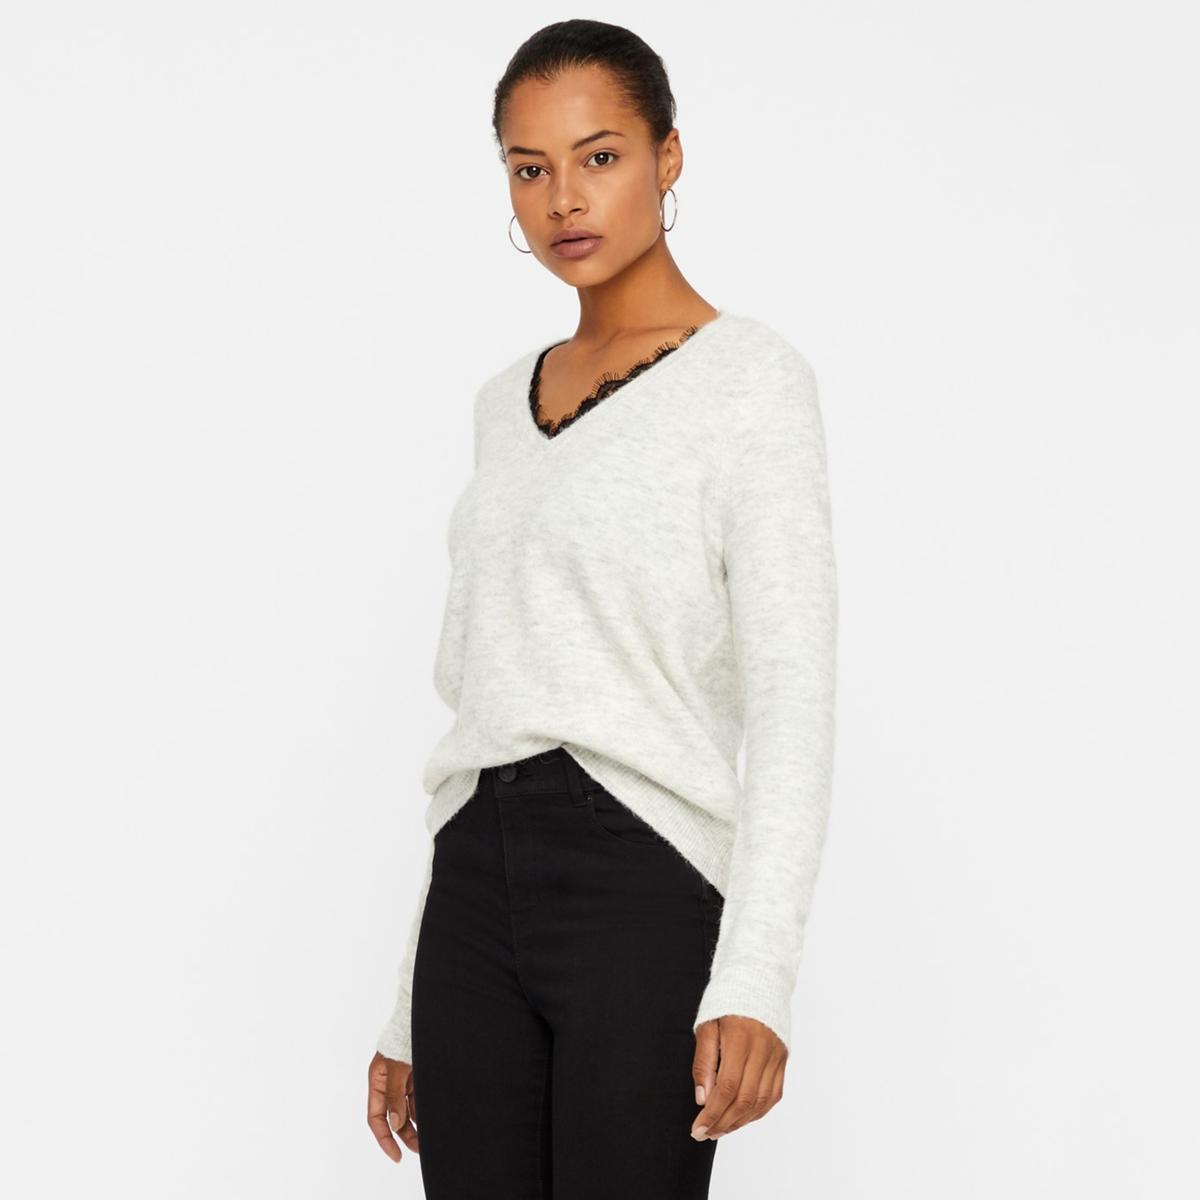 Пуловер La Redoute С V-образным вырезом с кружевом L серый комбинезон la redoute с брюками с v образным вырезом и отделкой кружевом l черный